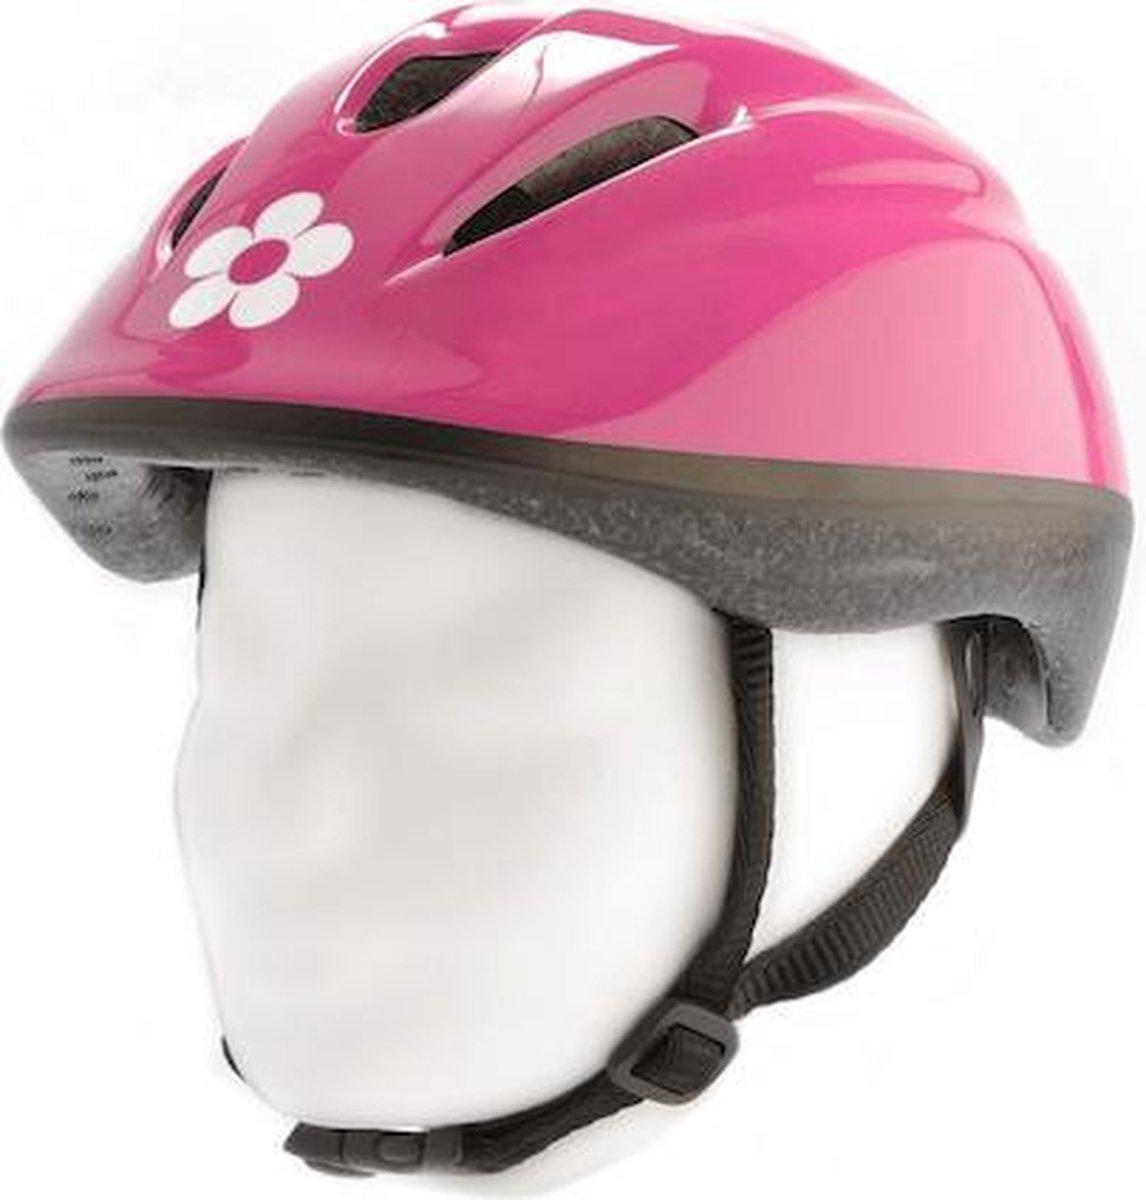 Pexkids fiets helm Junior Flowers Maat 52/56 Cm Roze met bloemen